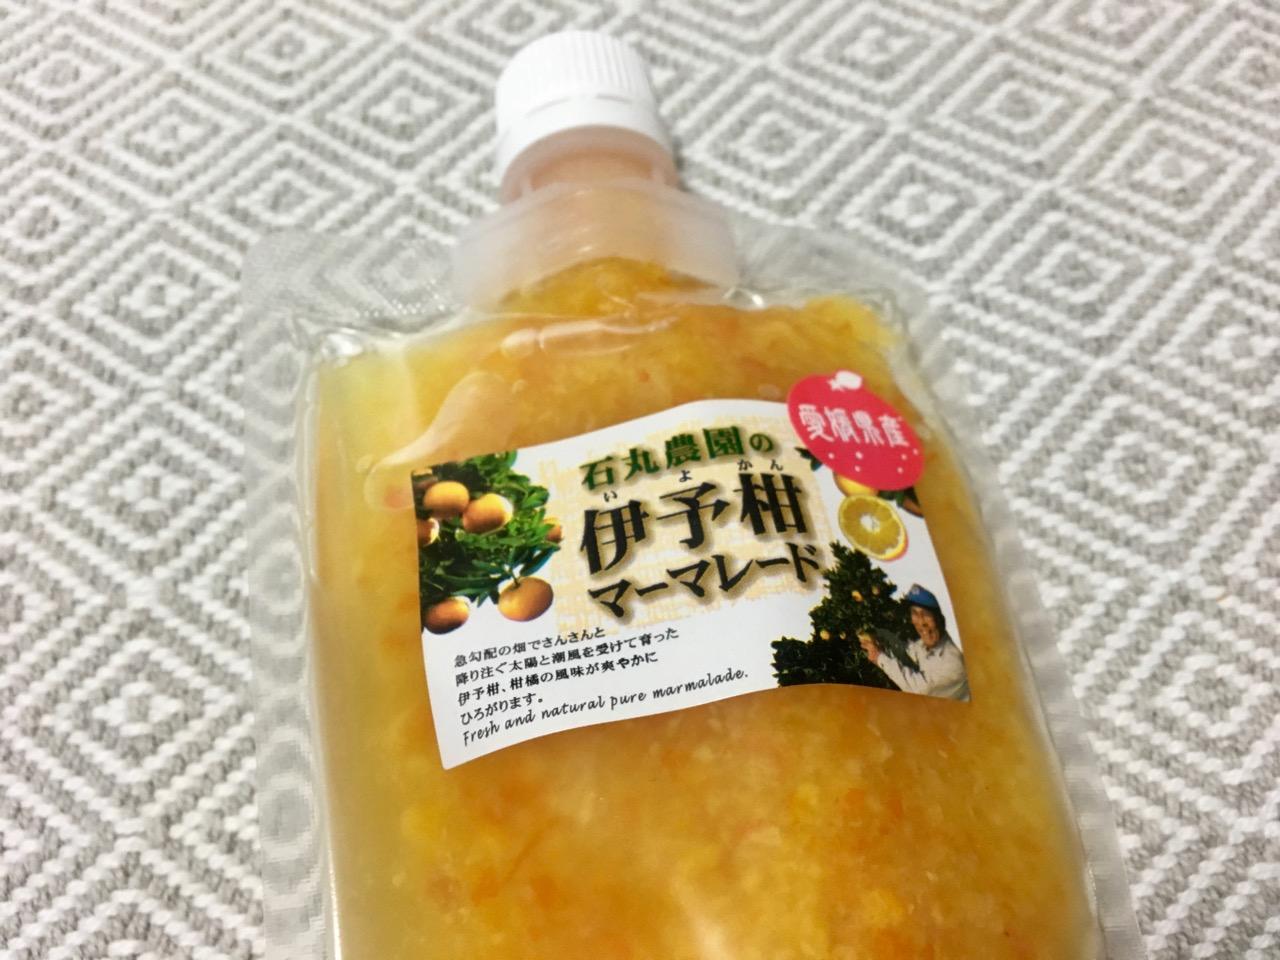 松山のお土産には伊予柑マーマレードを